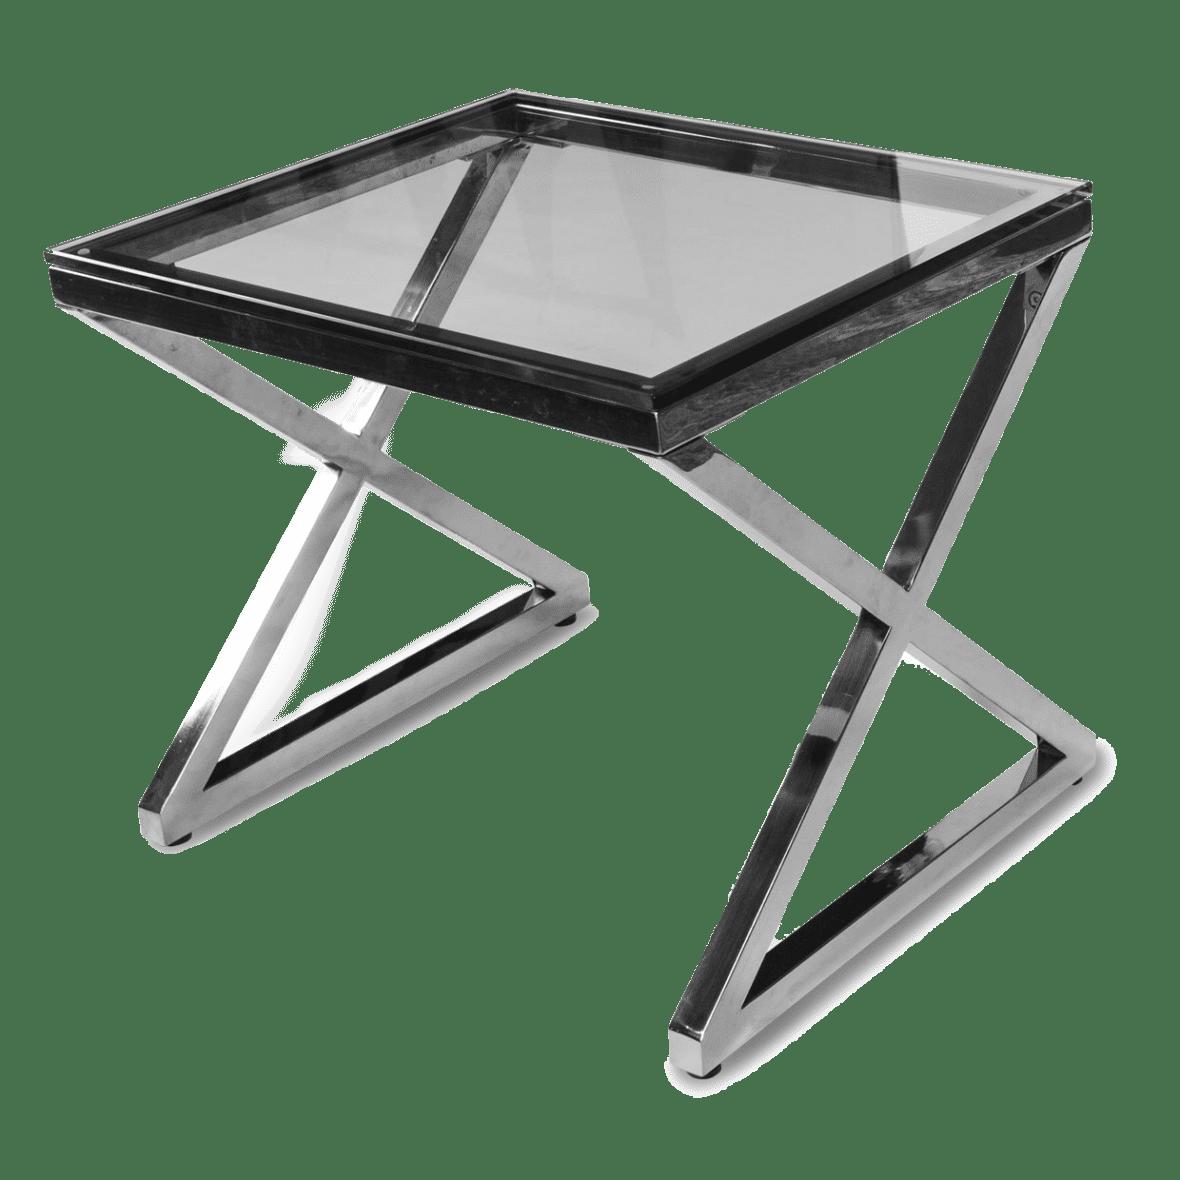 Stacy Прямоугольный приставной стол, сталь